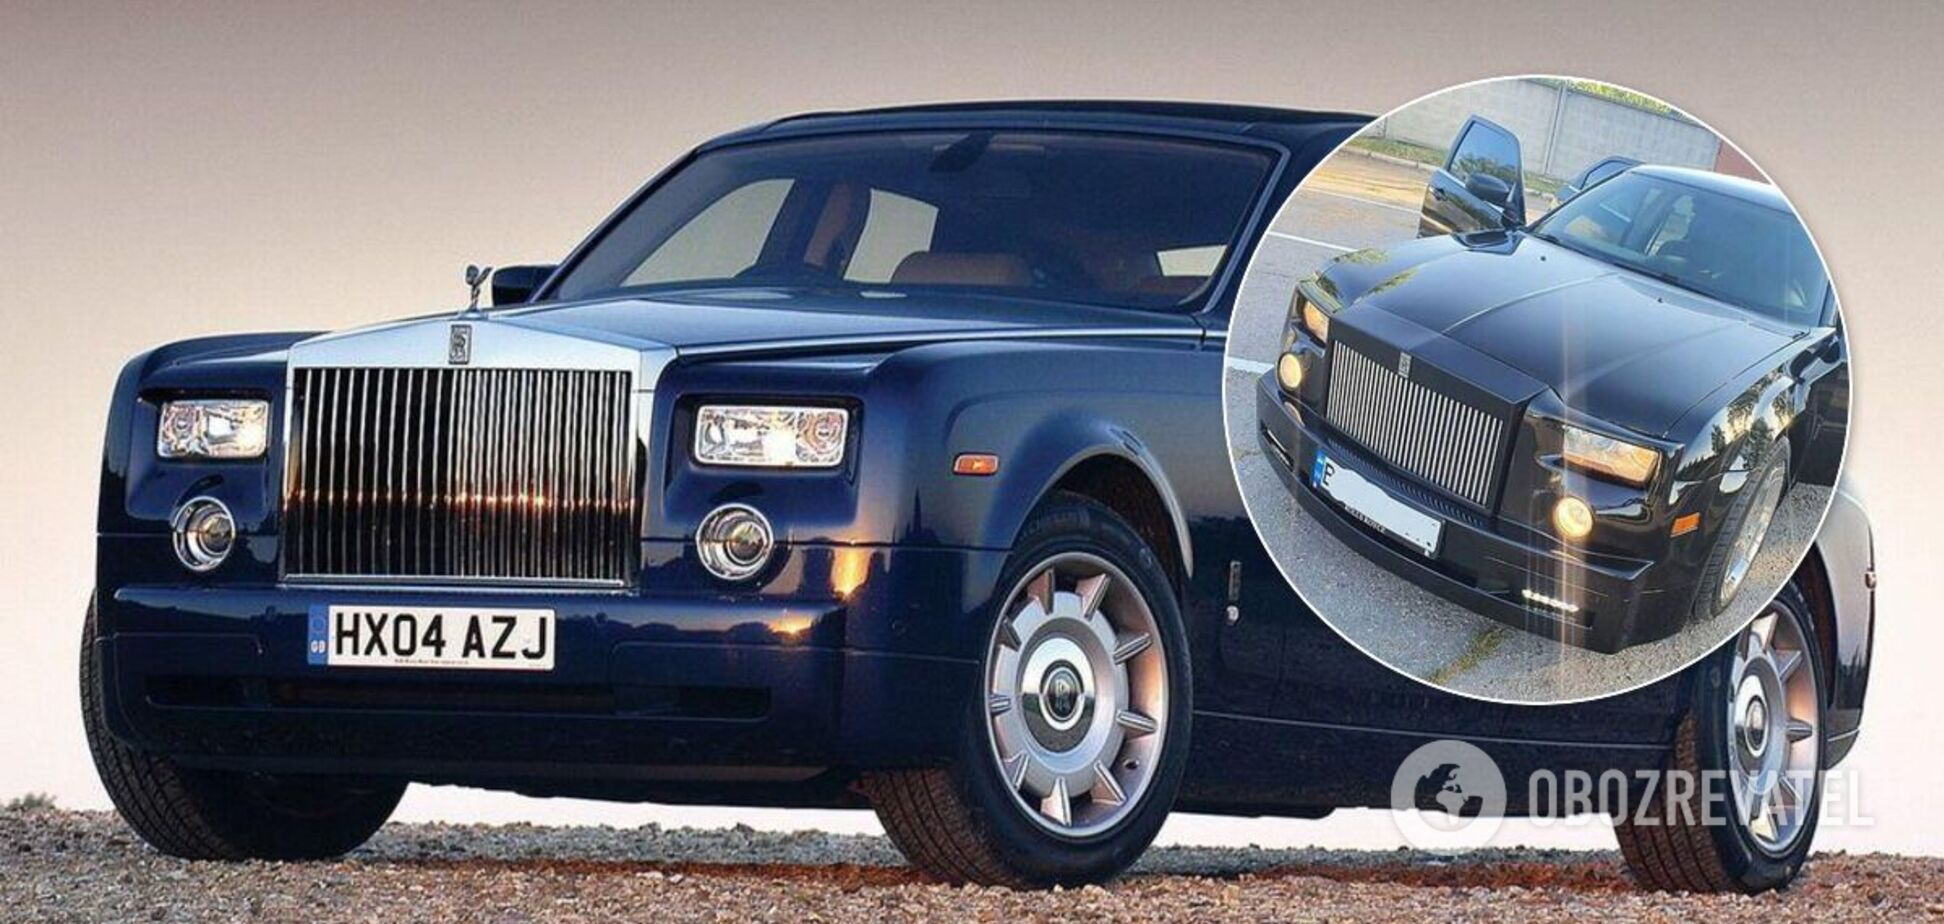 Загадочный Rolls-Royce продают за $8900